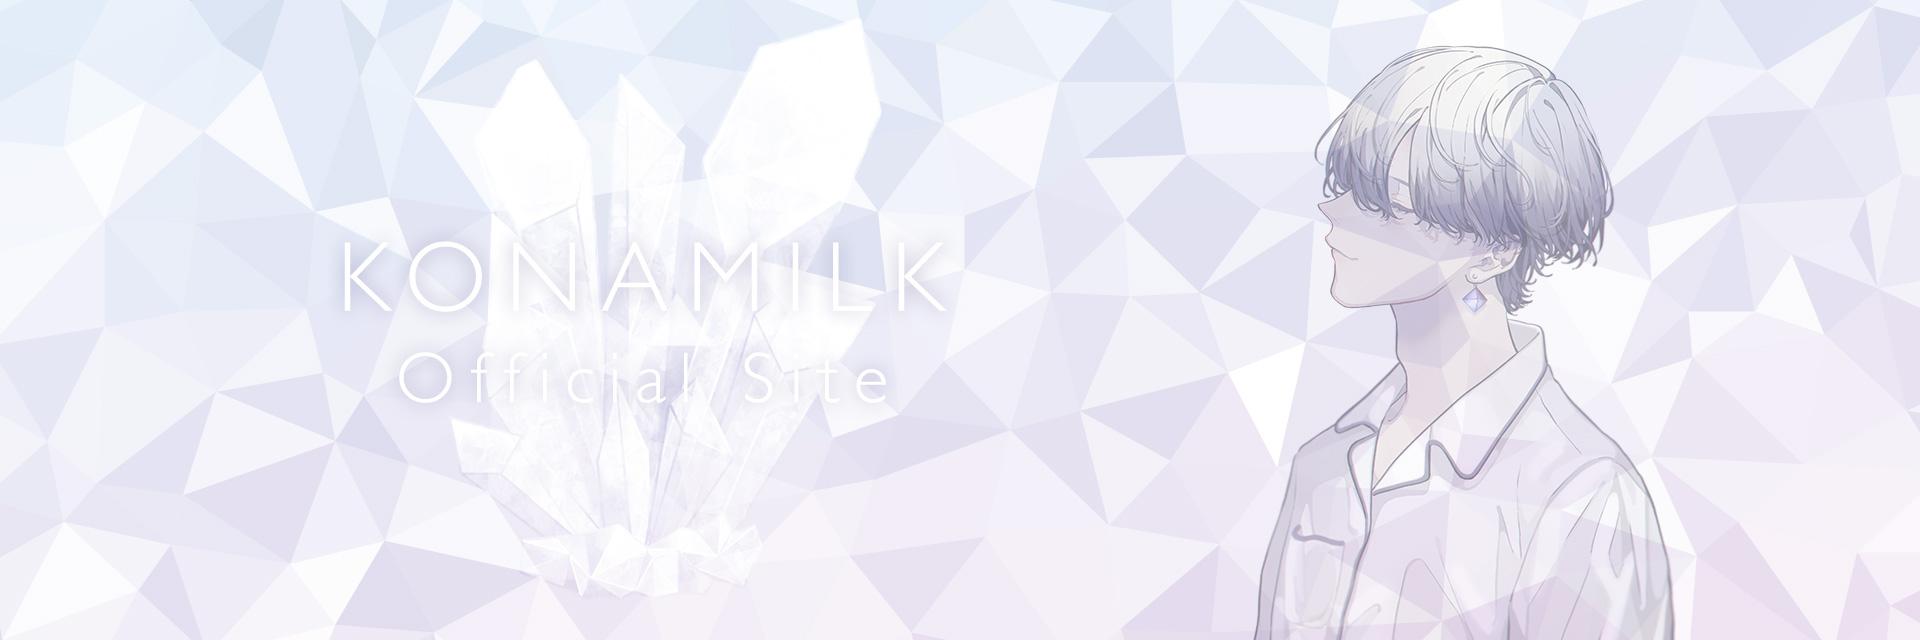 粉ミルク Official Site